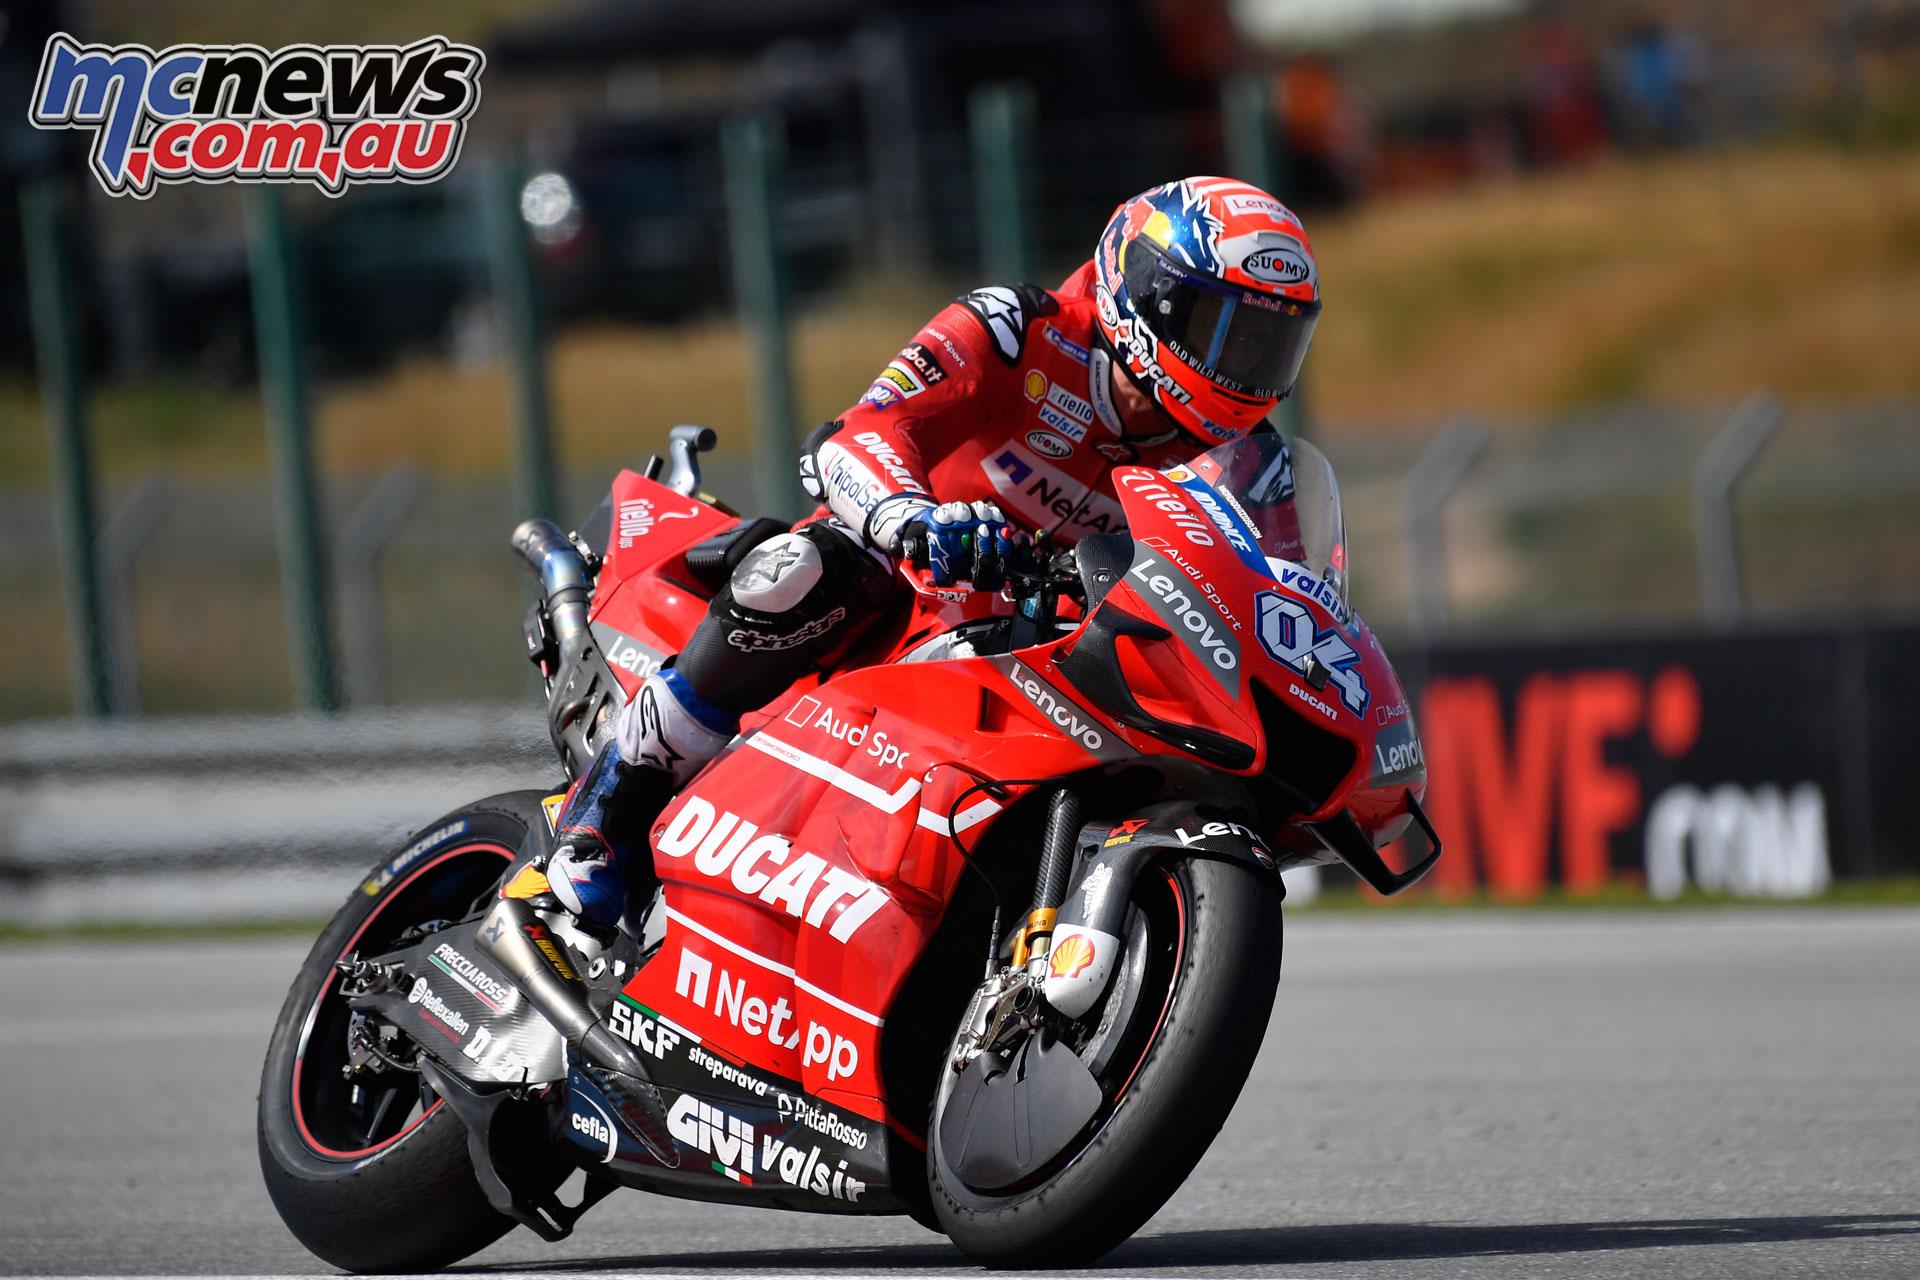 MotoGP Rnd Brno Dovizioso